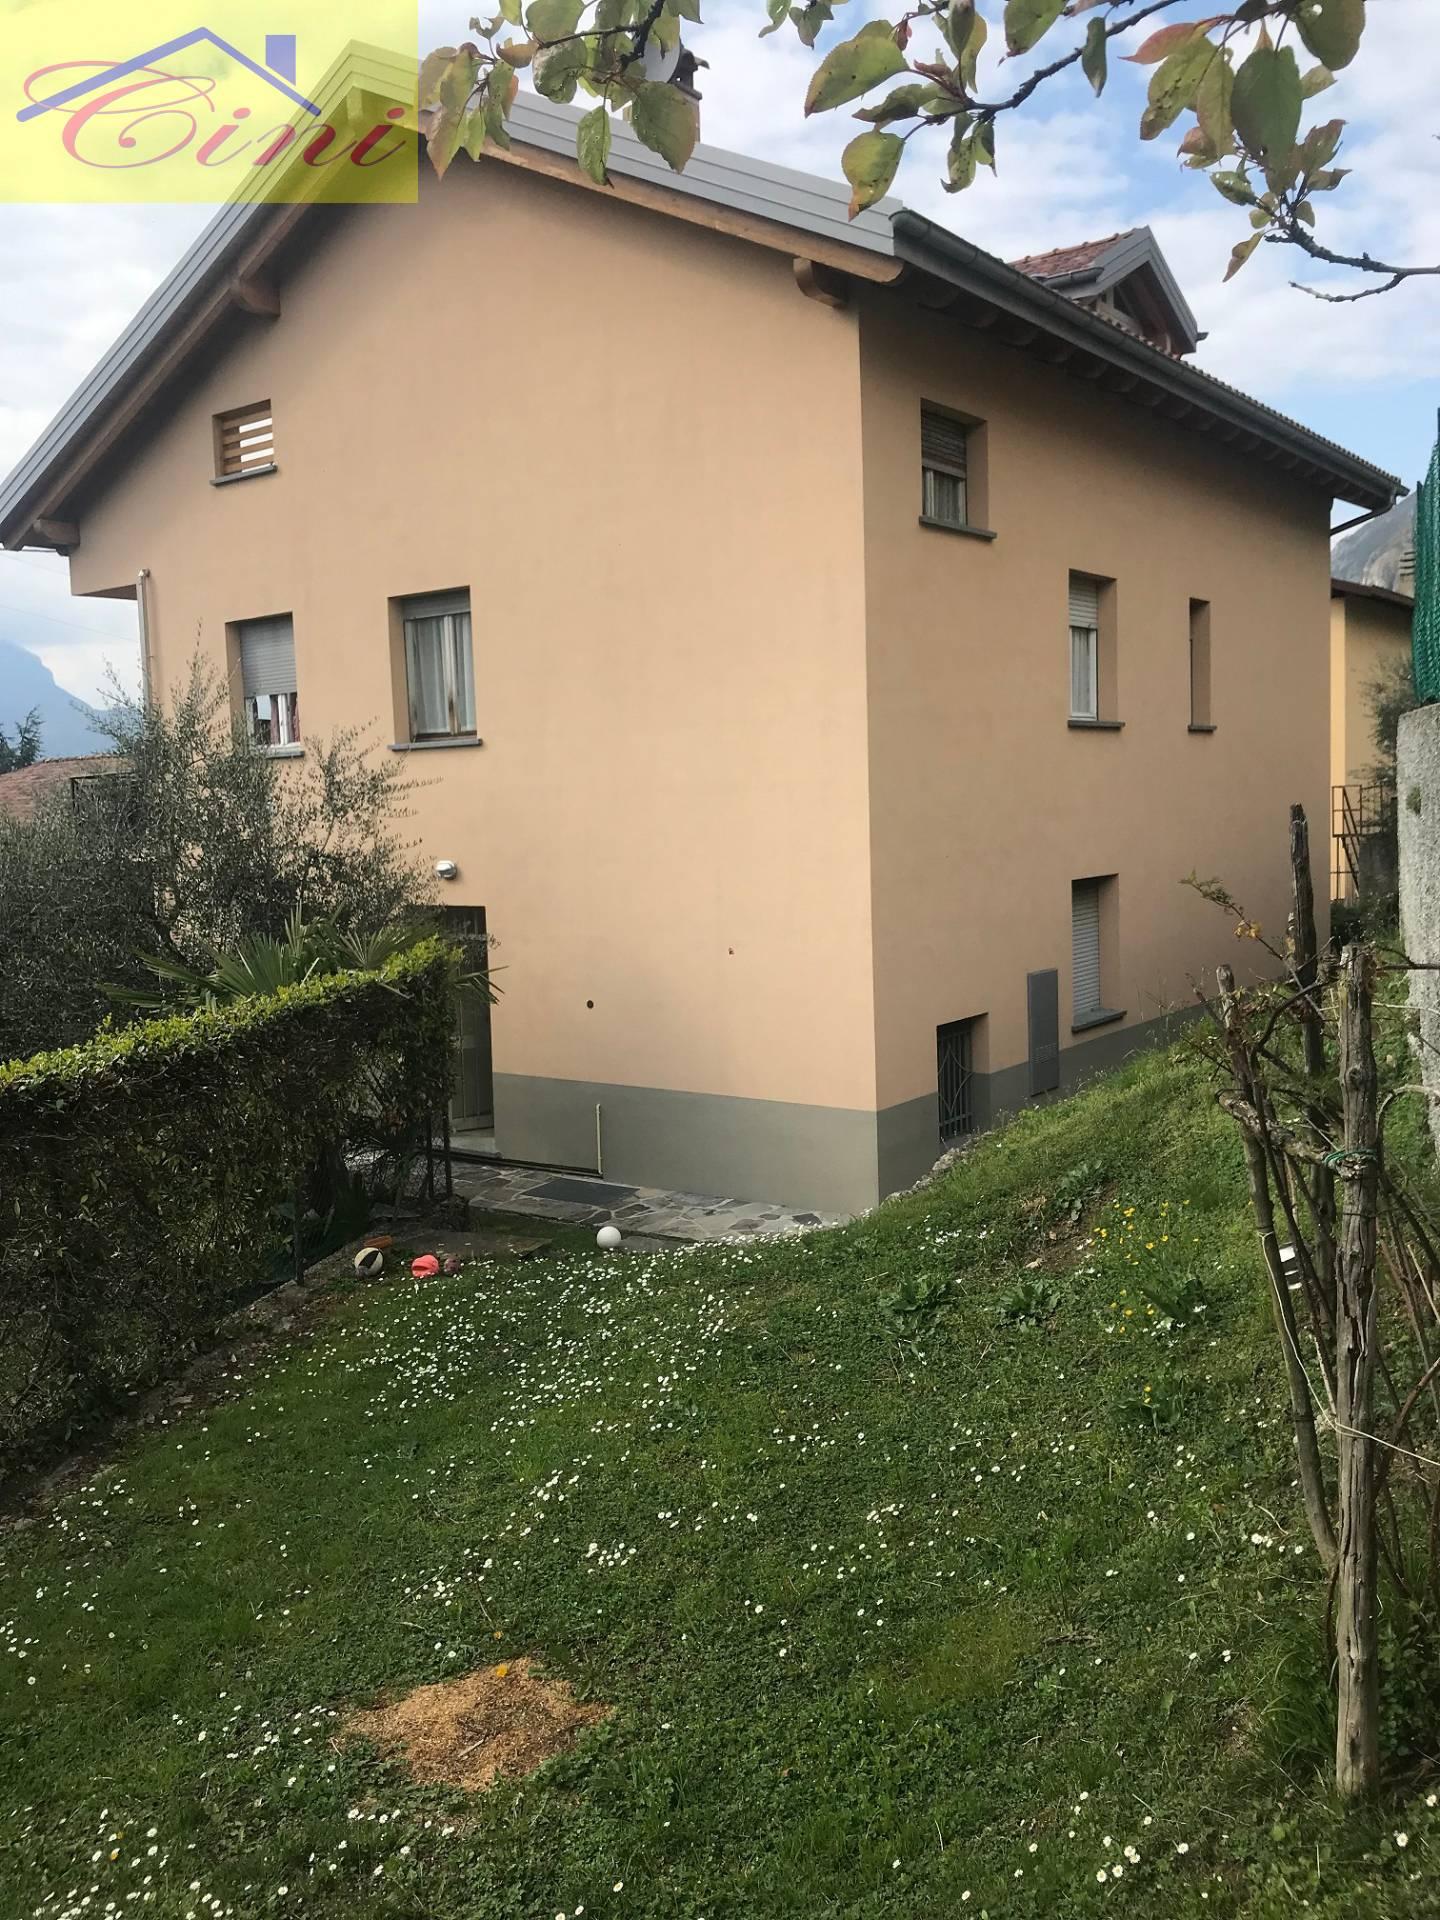 Appartamento in vendita a Lierna, 4 locali, prezzo € 230.000 | PortaleAgenzieImmobiliari.it